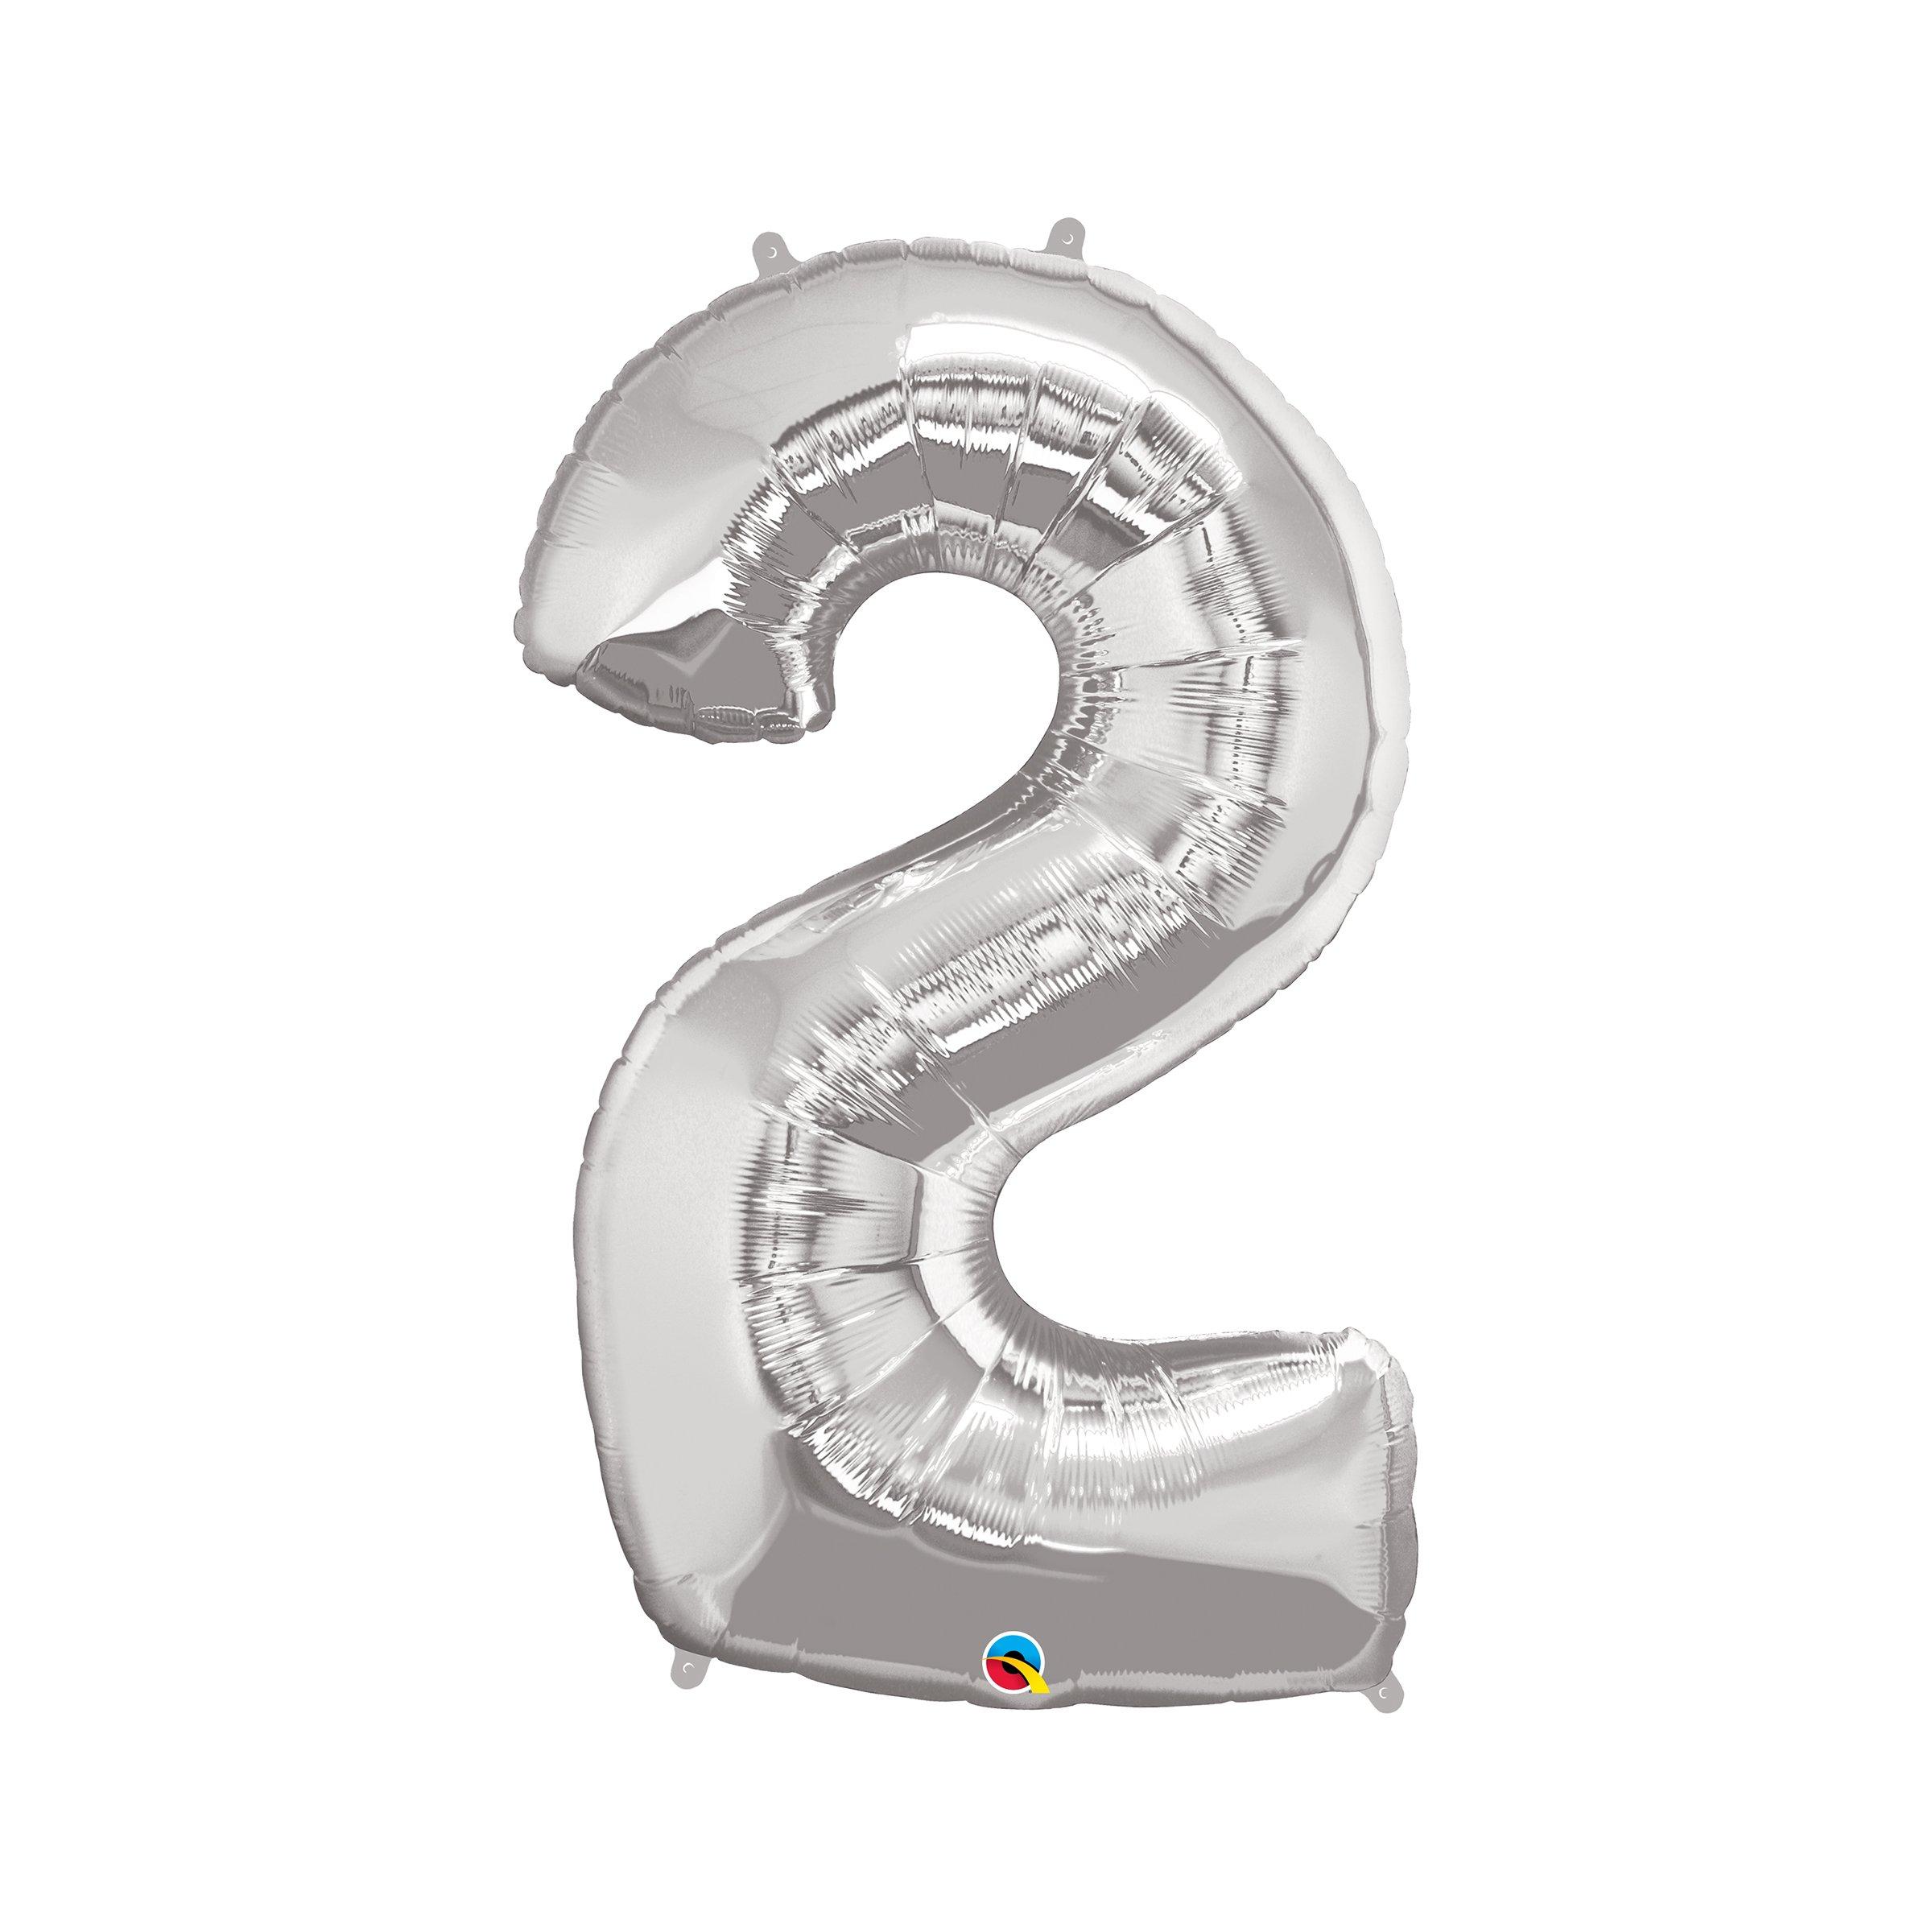 Single Digit Mini Foil Number or Letter (Specify Below) $3